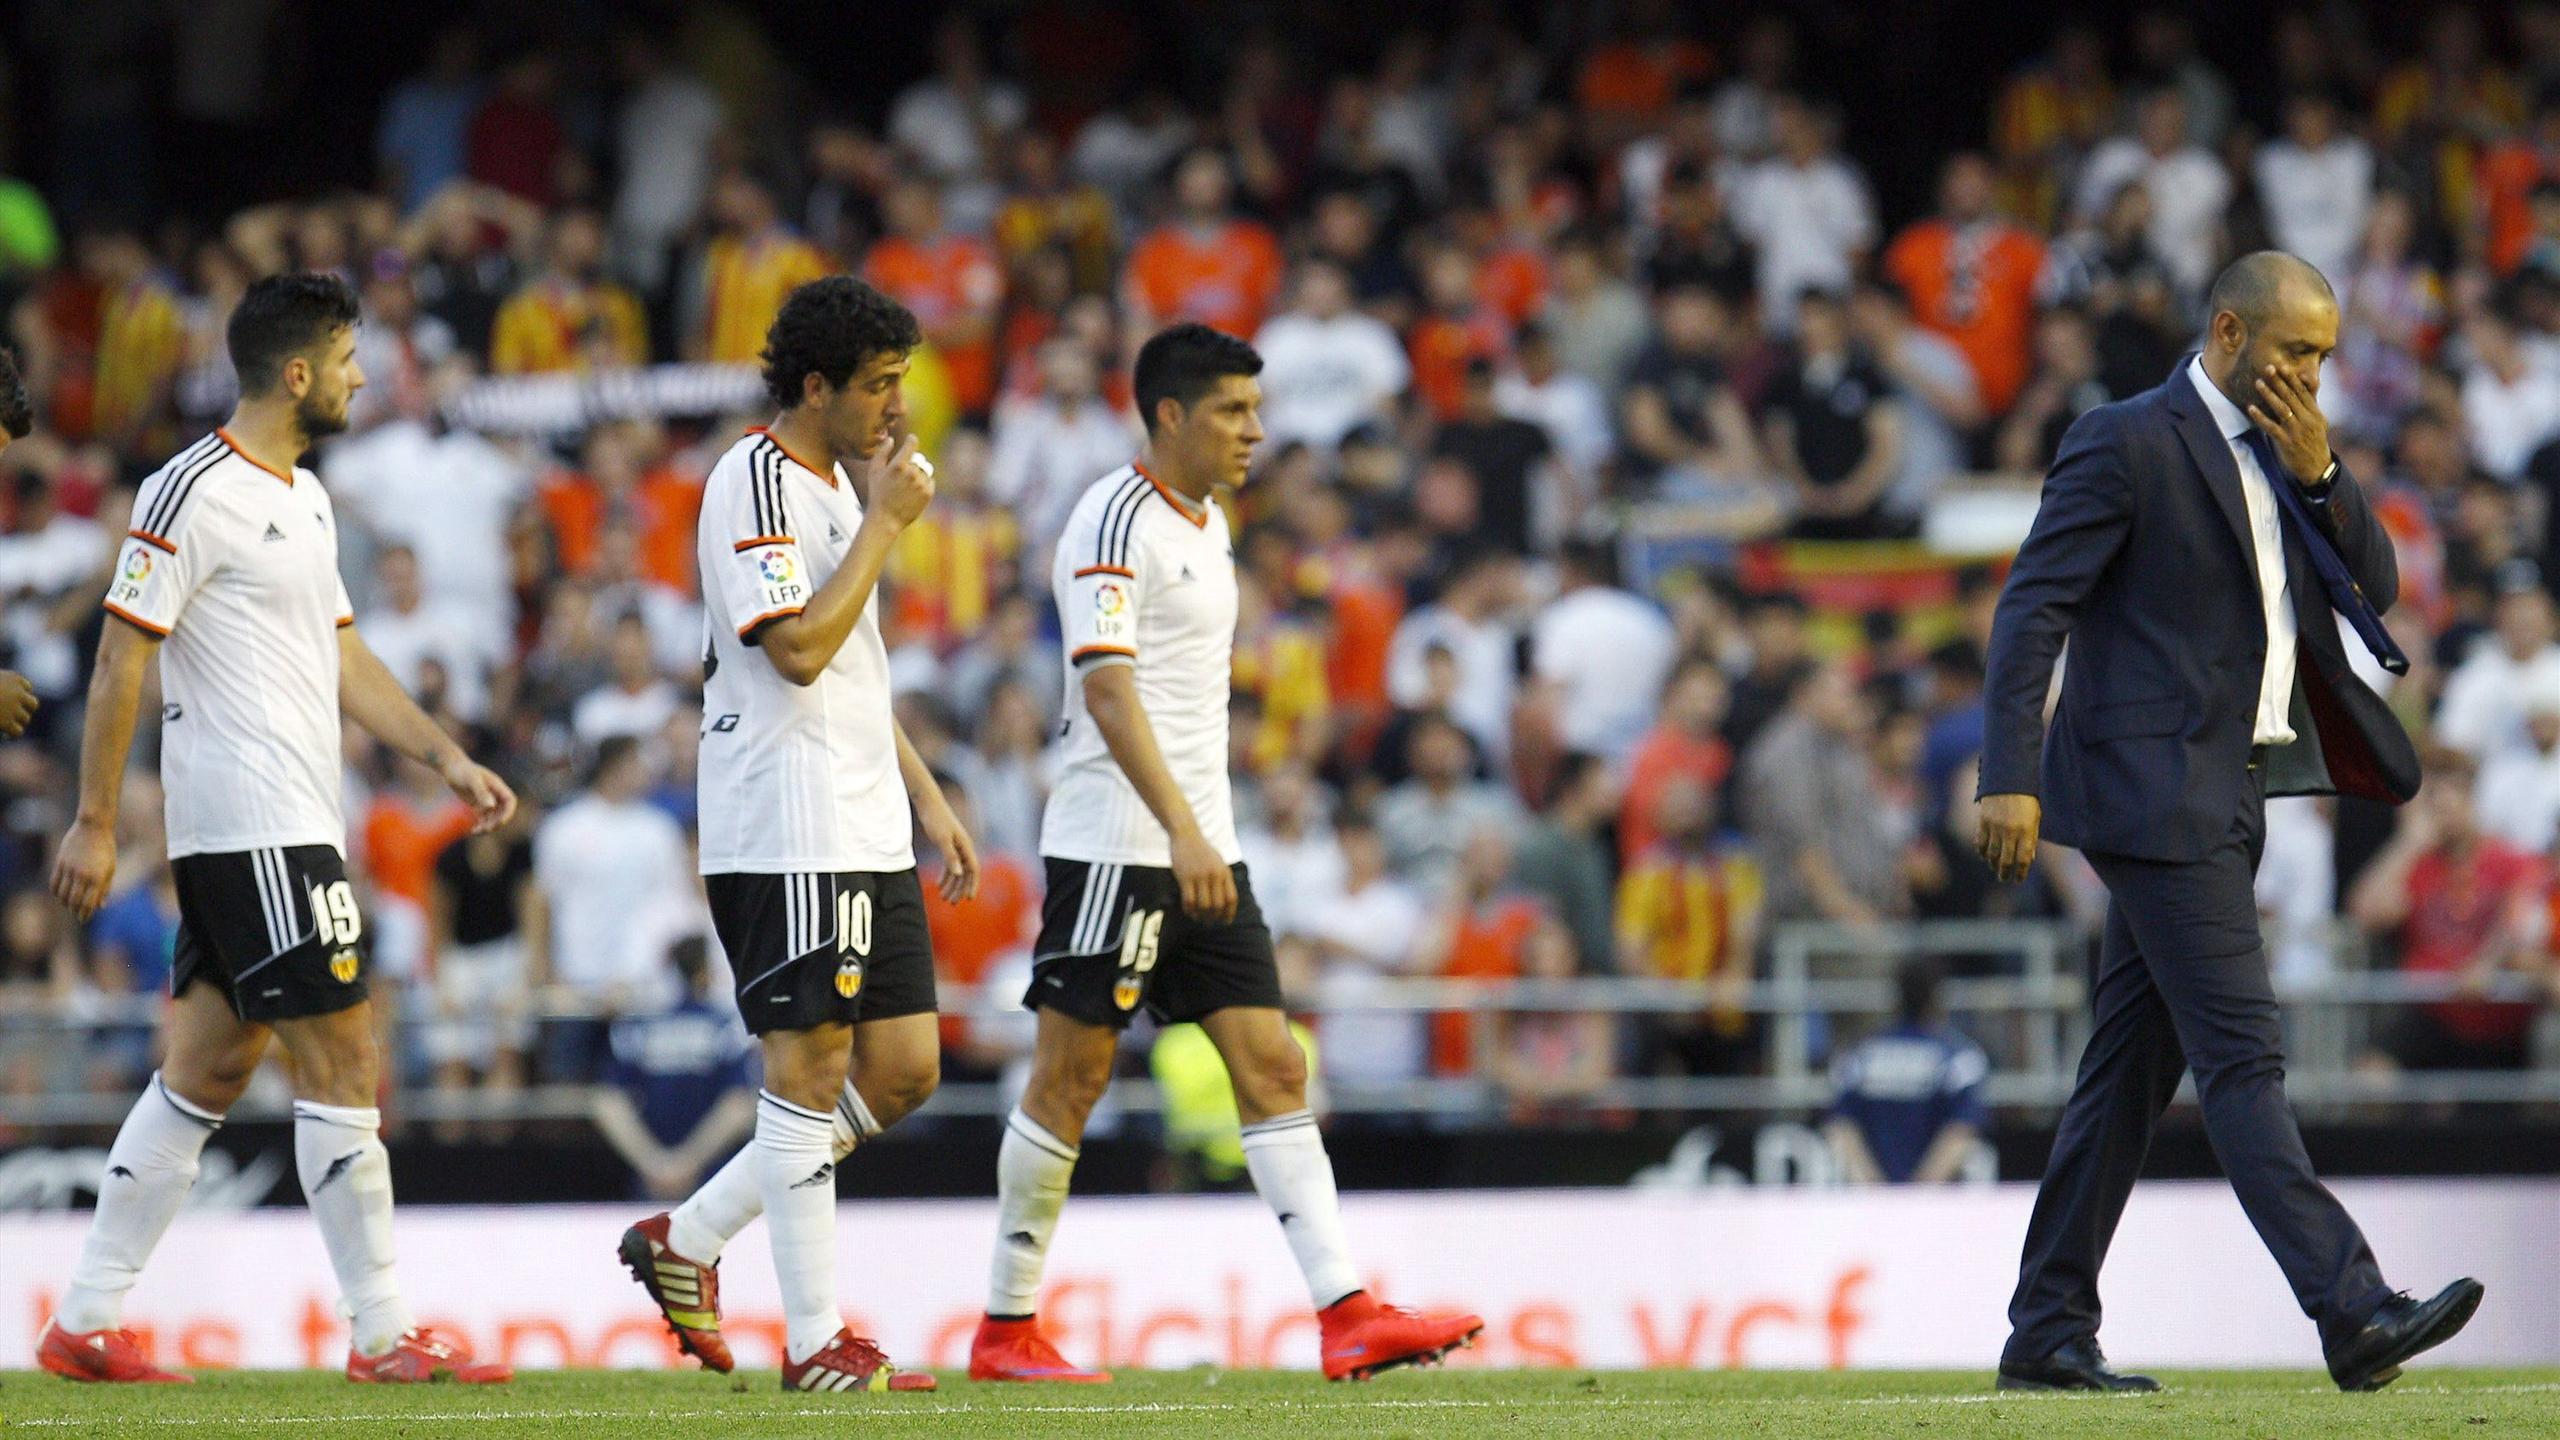 Video: Valencia vs Celta de Vigo